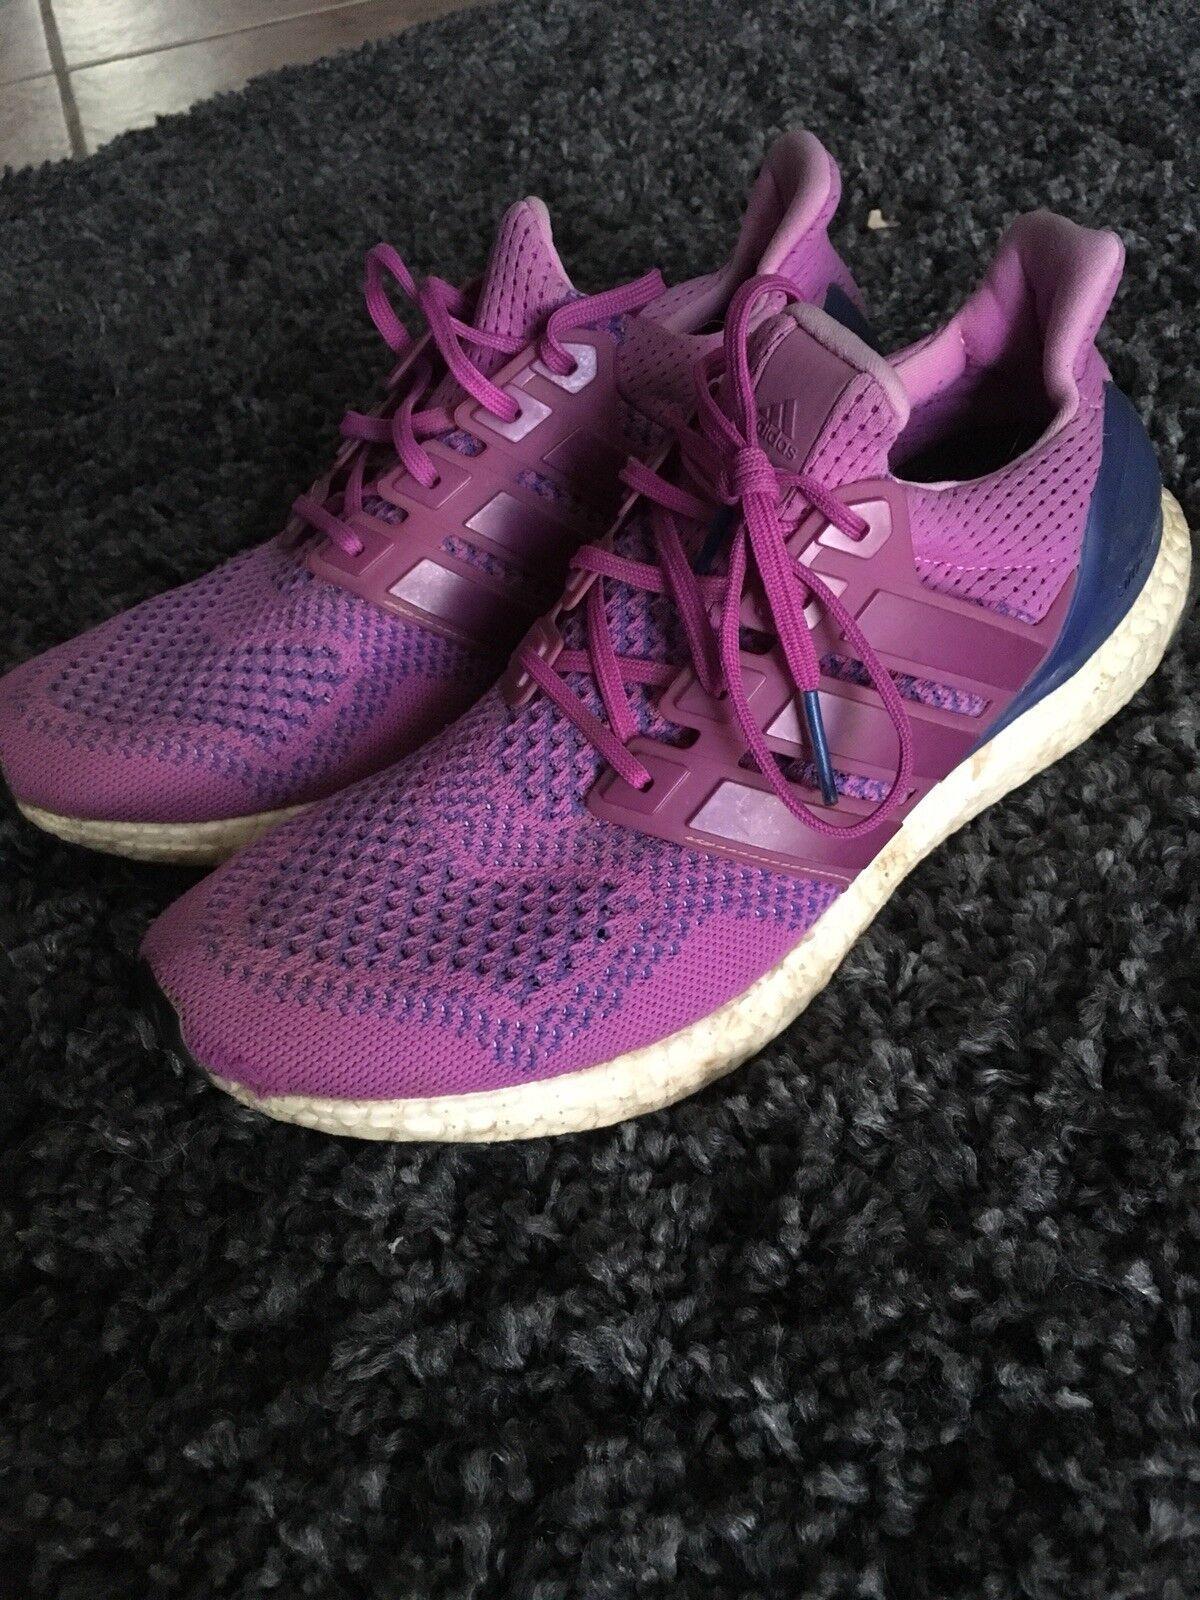 Adidas Ultra Boost 1.0 Purple Flash Pink B34051 Womens Sz 11 Mens 10